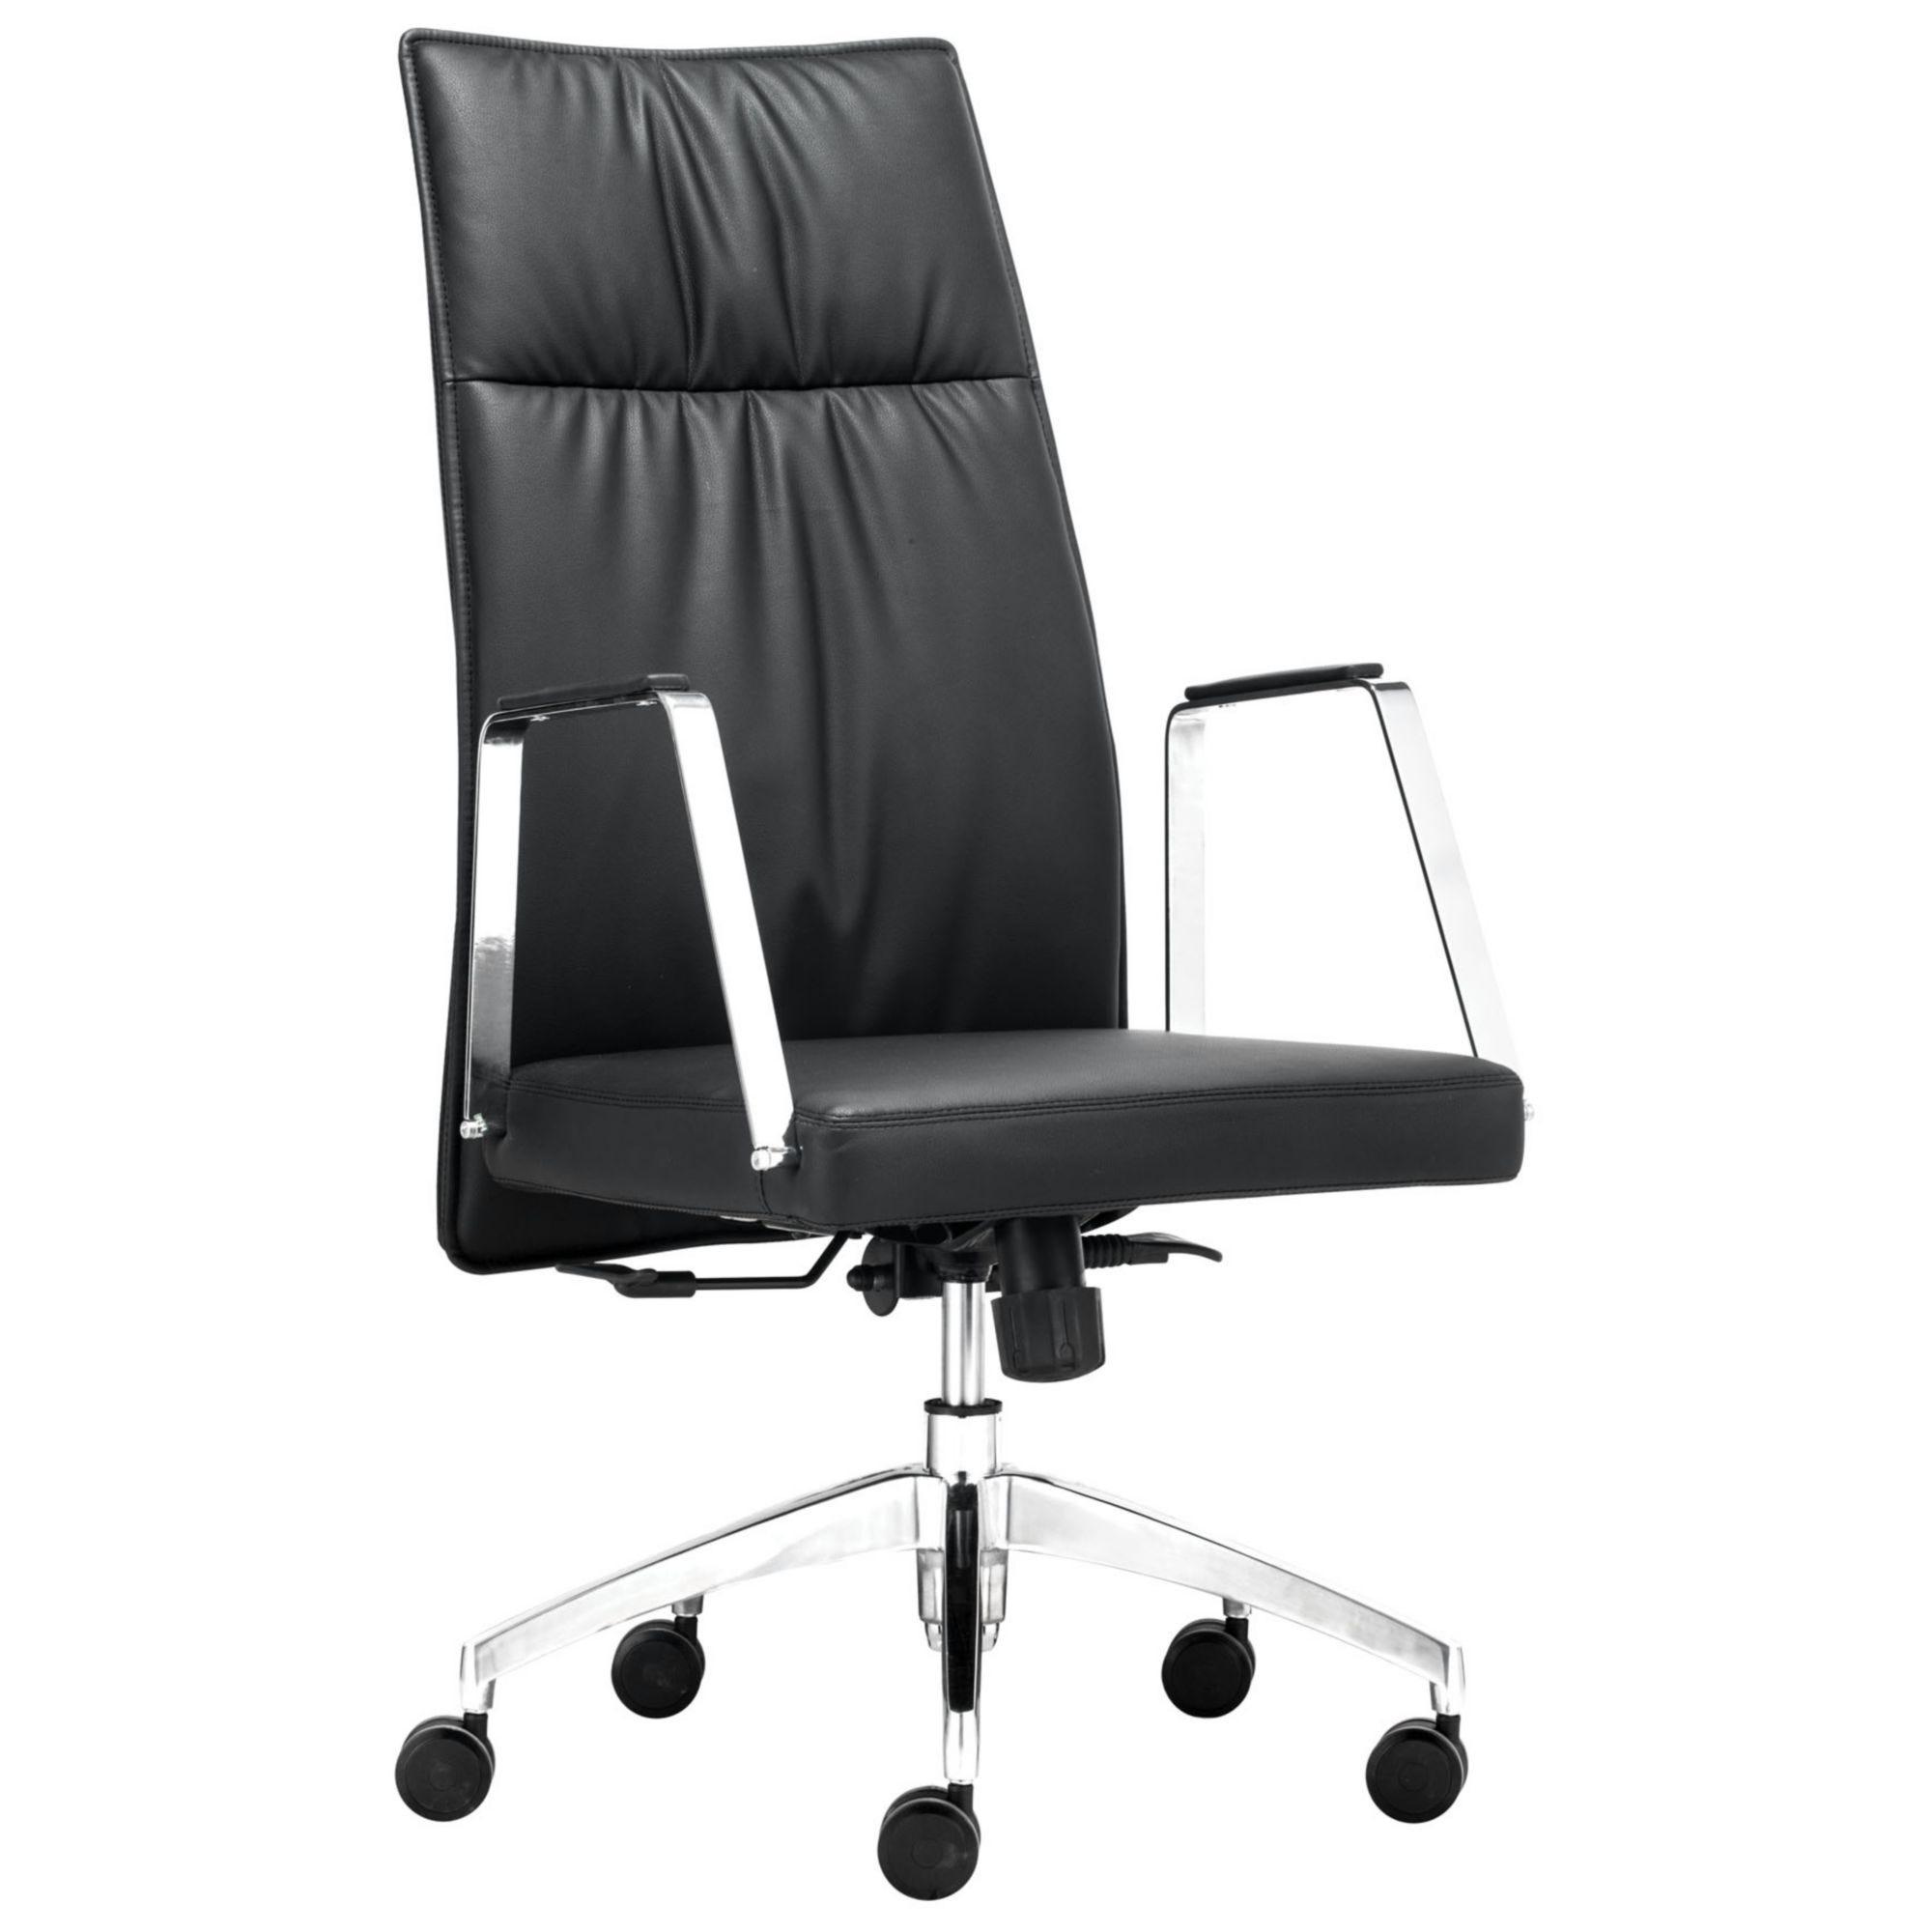 fice Chairs US Mattress